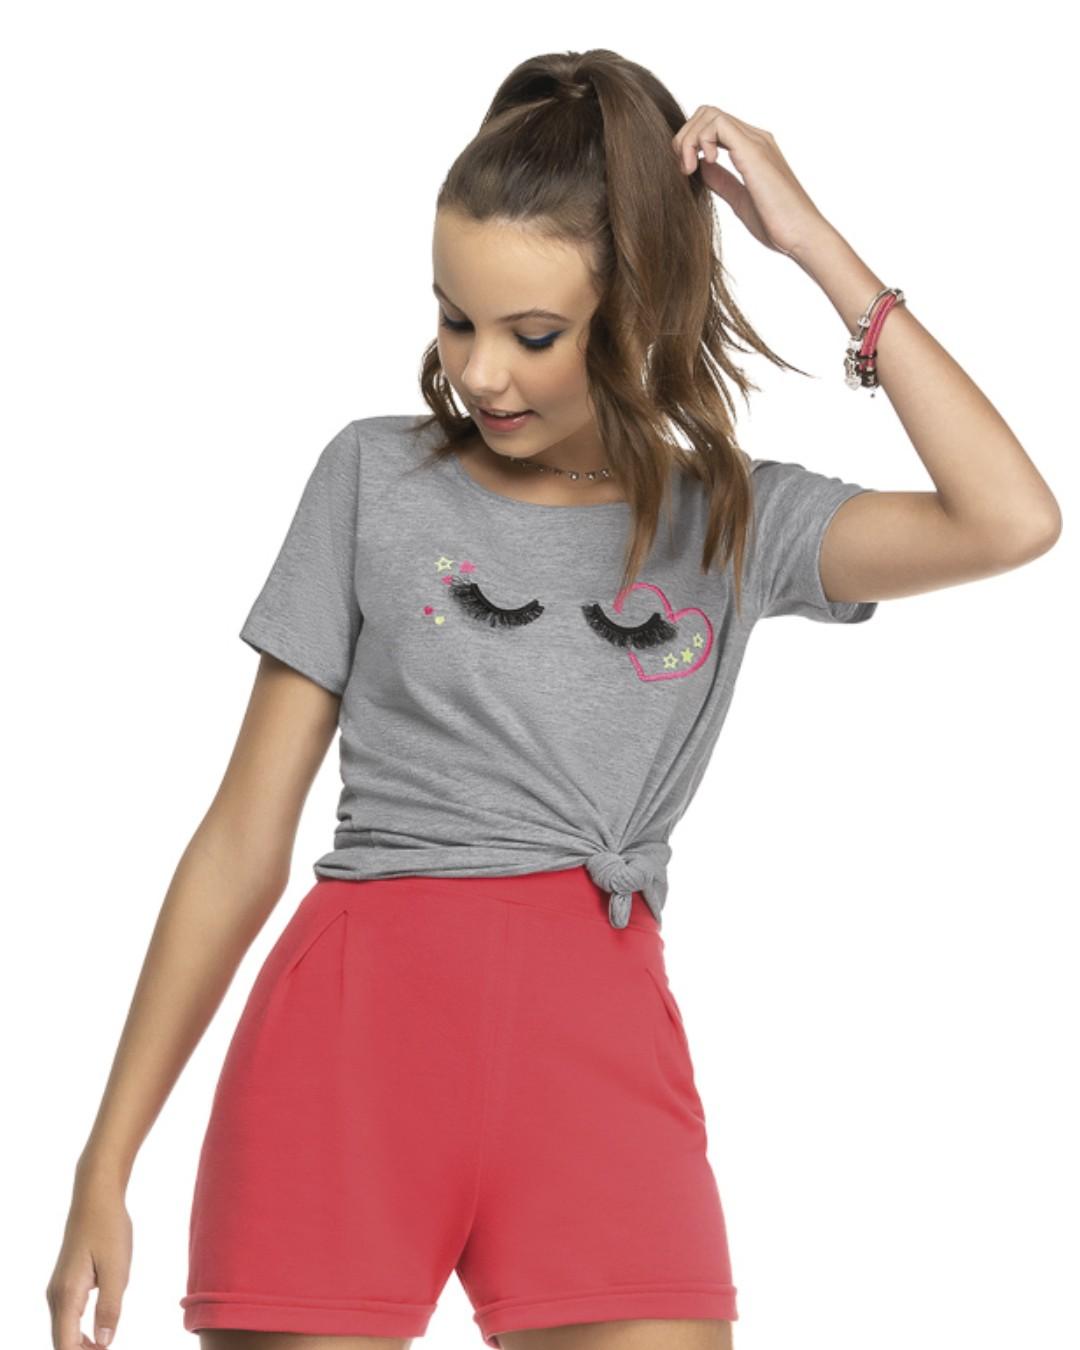 Blusa Juvenil com Estampa de Cílios - Cereja Rosa